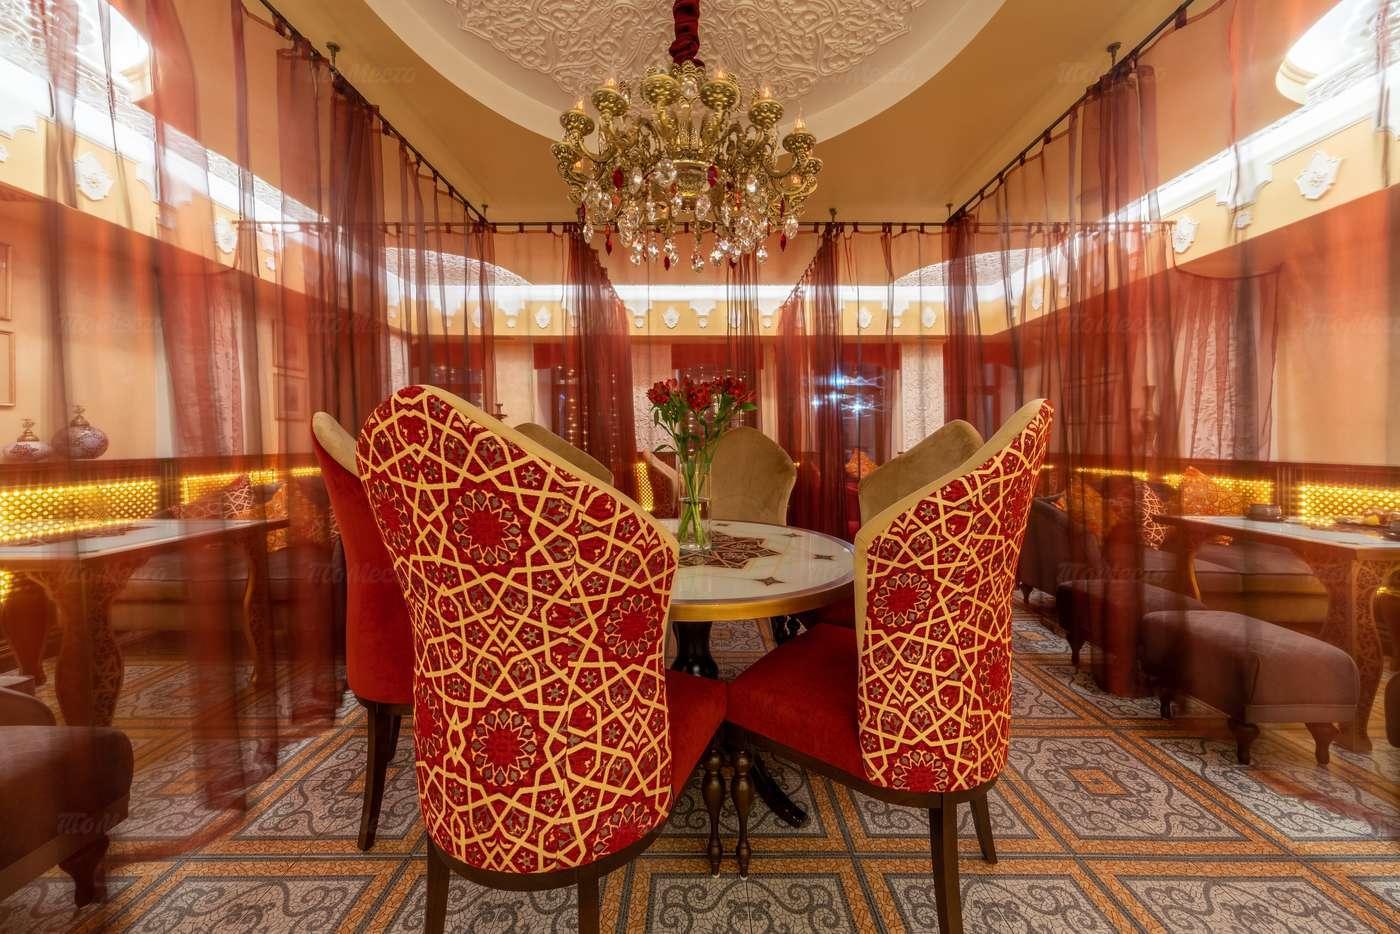 Ресторан Омар Хайям в Большом Черкасском переулке фото 18